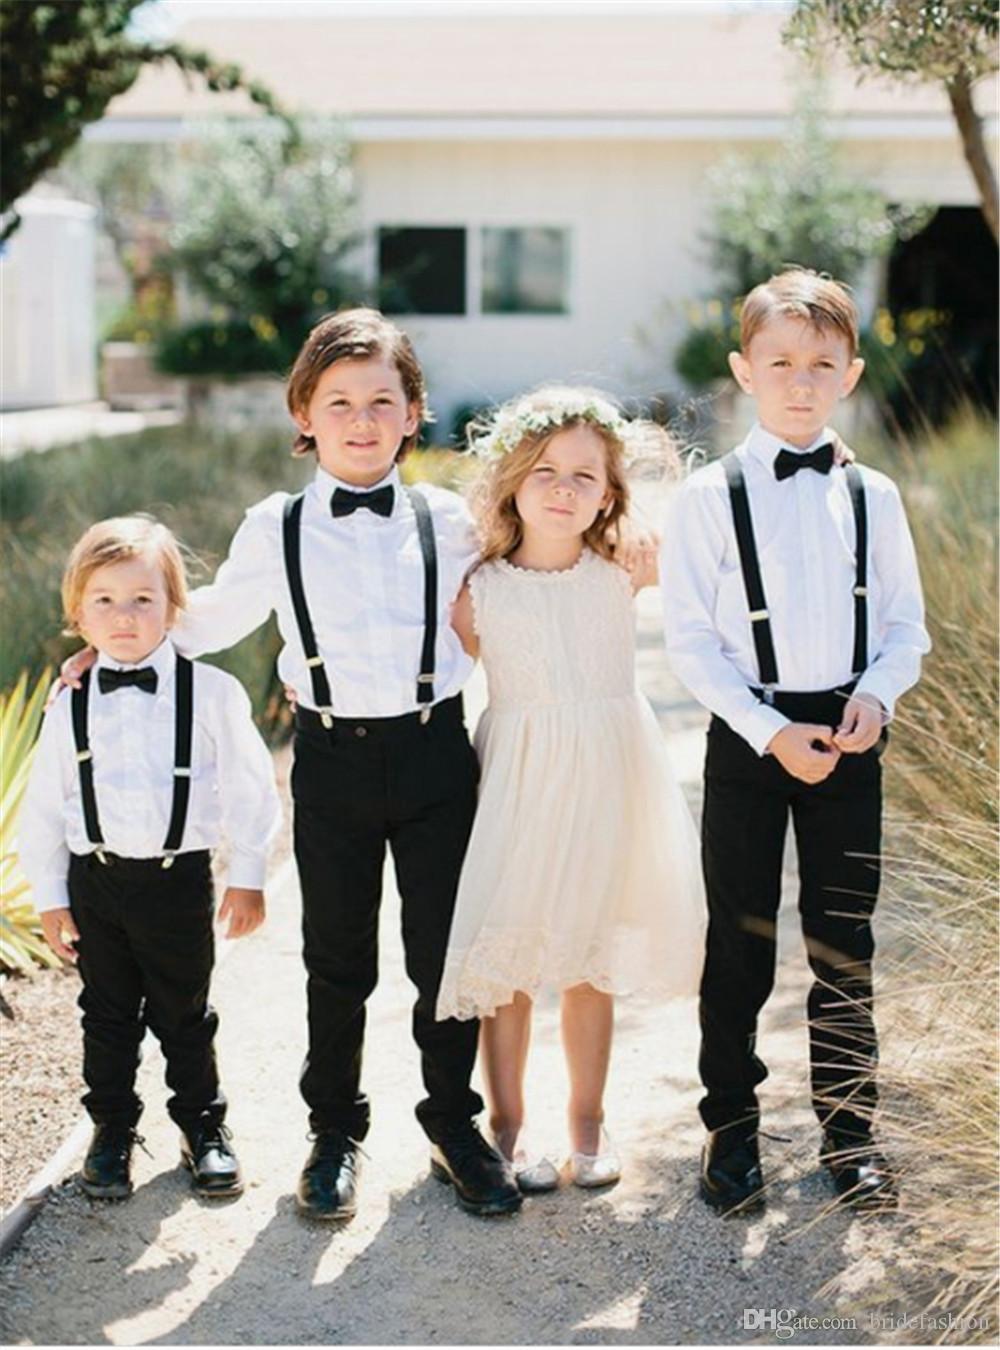 e7eba1541012a Acheter Vêtements De Cérémonie Pour Garçons Set De Fête De Mariage Blanc  Chemise À Manches Longues Pantalon Noir Invité De Mariage Enfants Tenue De  Soirée ...